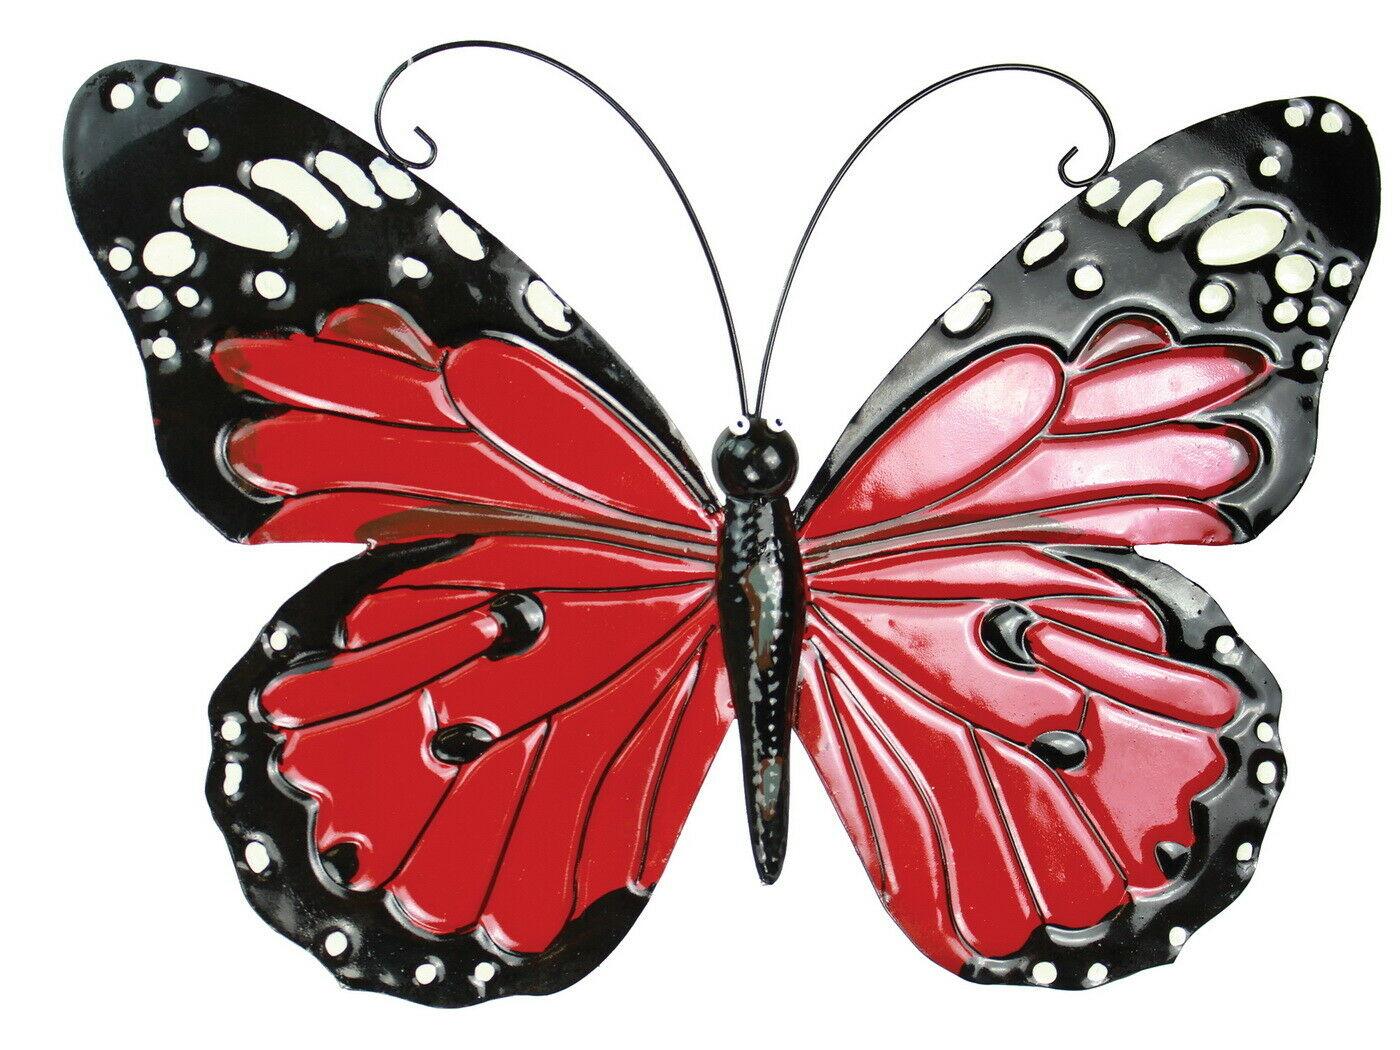 Schmetterling Metall Wandbild Wanddeko Deko Wand Hanger Tier Figur Skulptur Bild Kaufen Bei Gerhard Rapp Gmbh